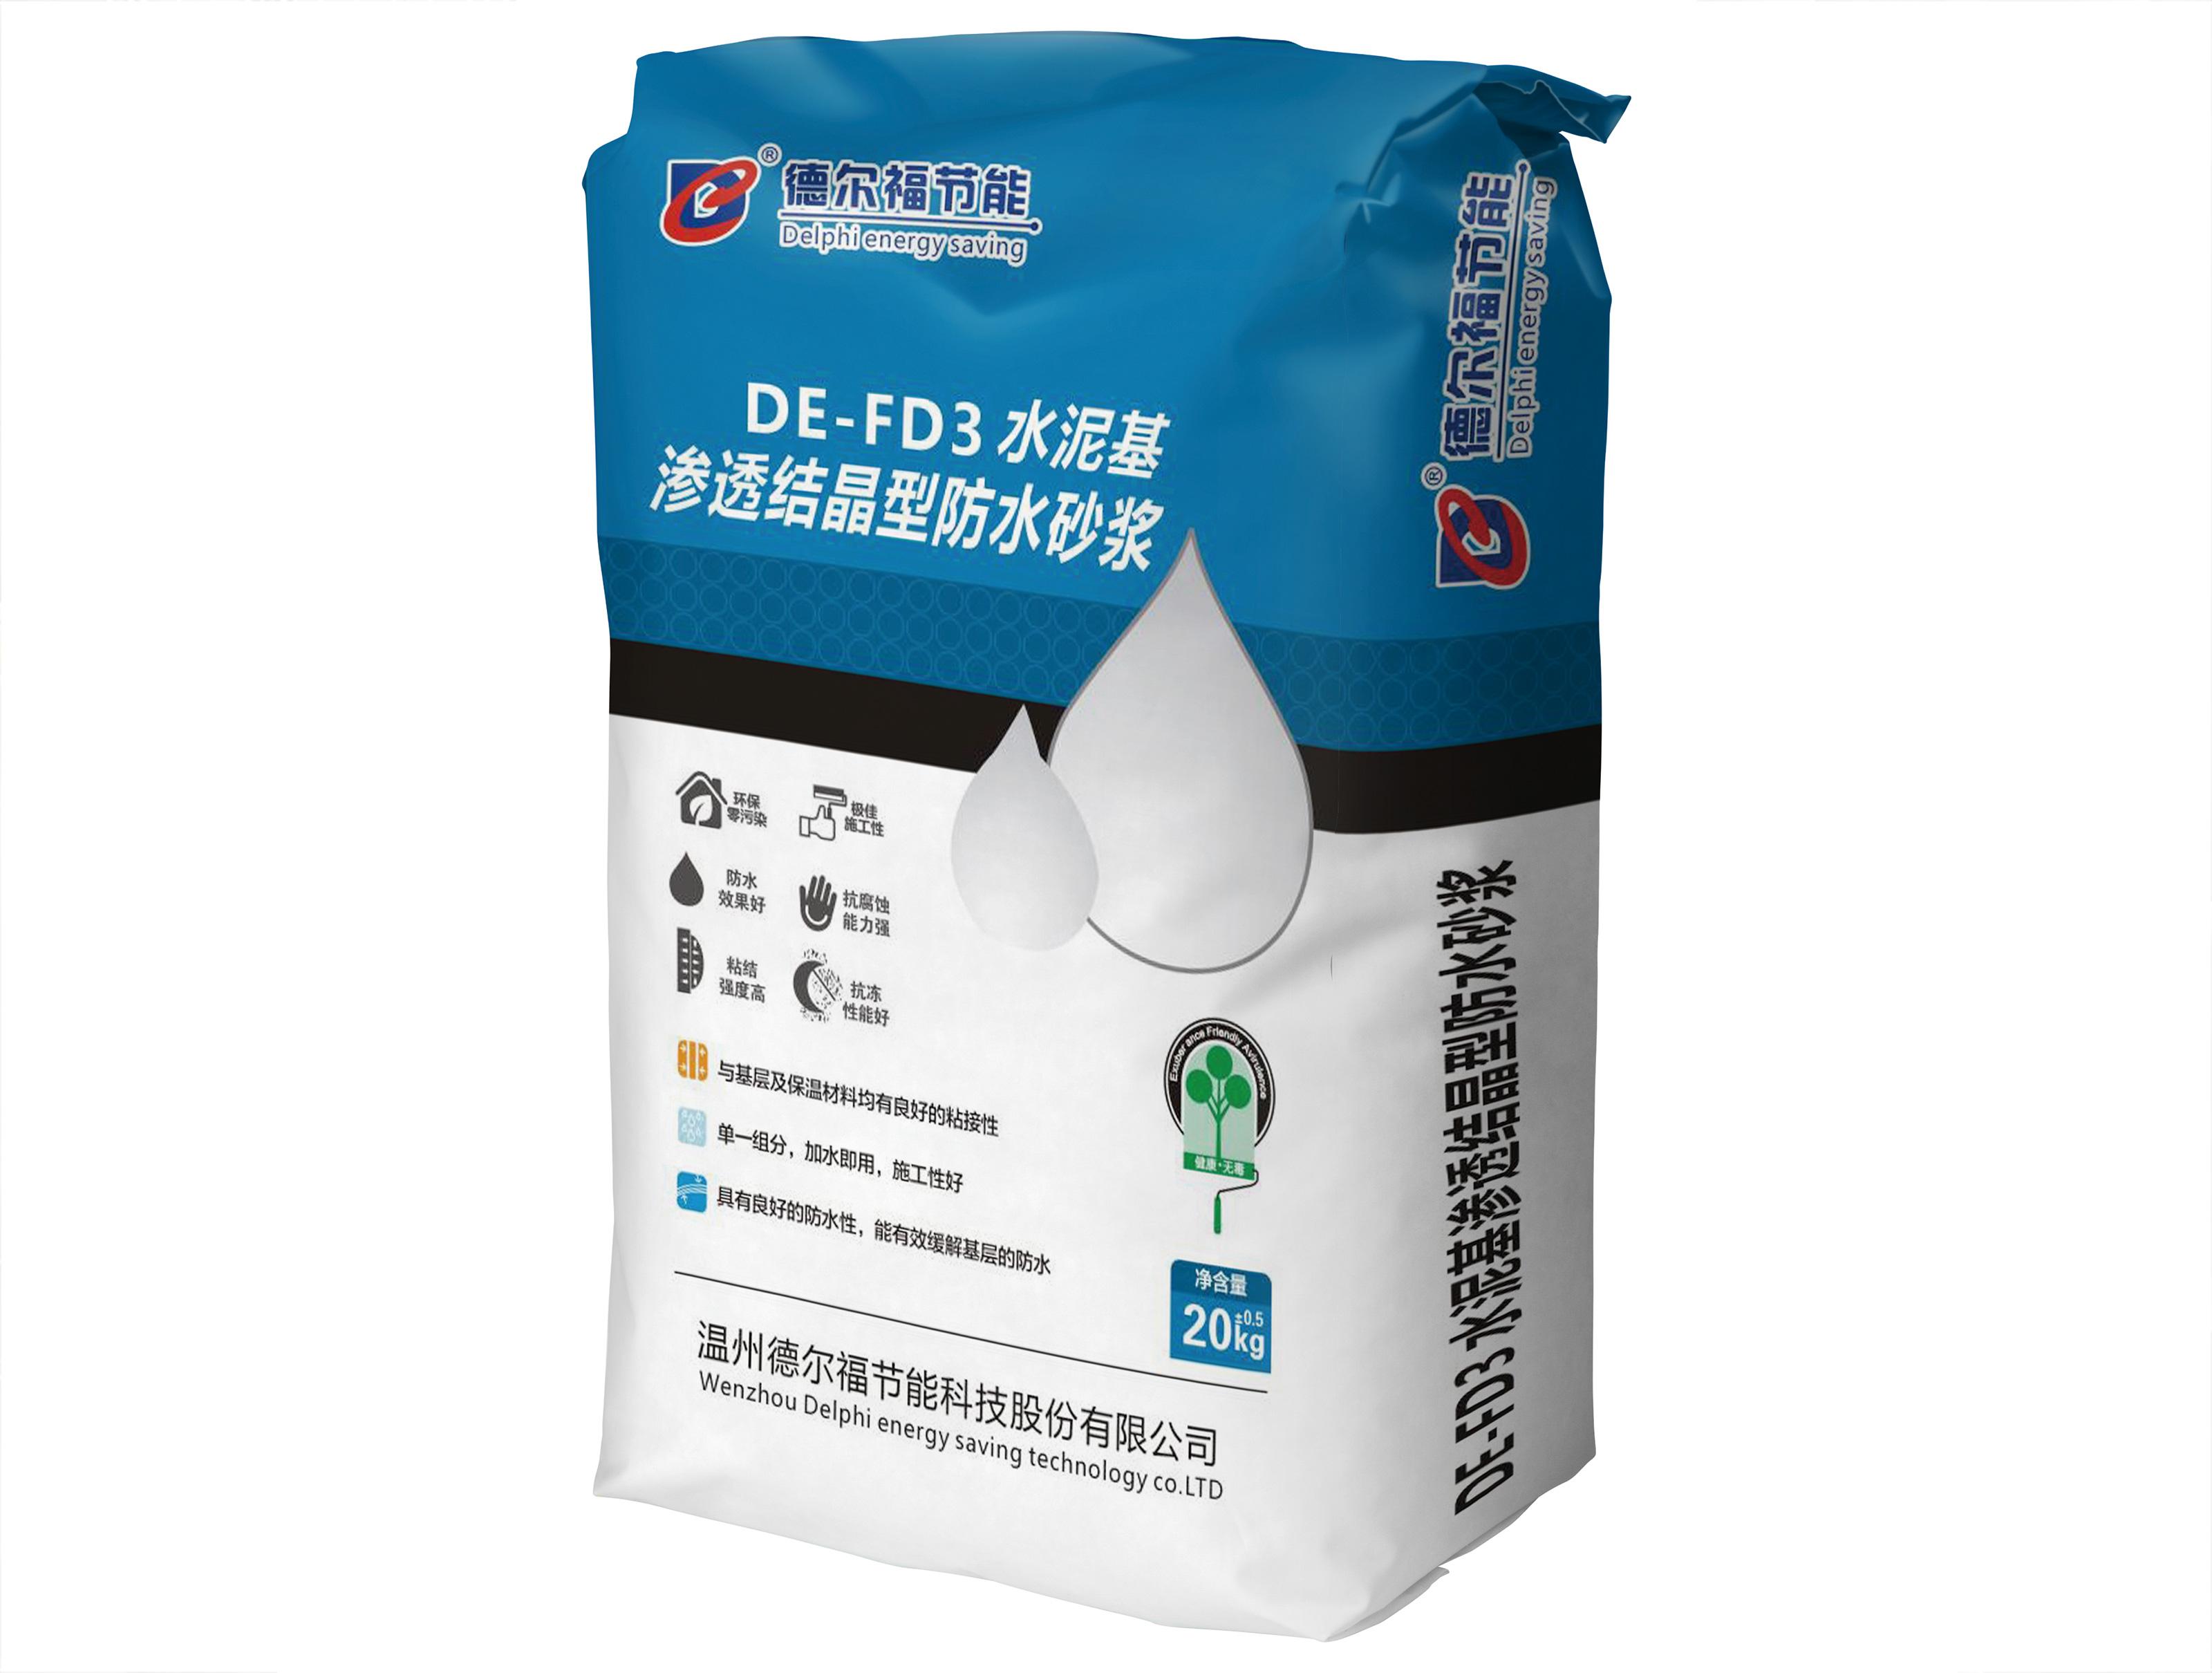 DE-FD3-水泥基渗透结晶型防水砂浆